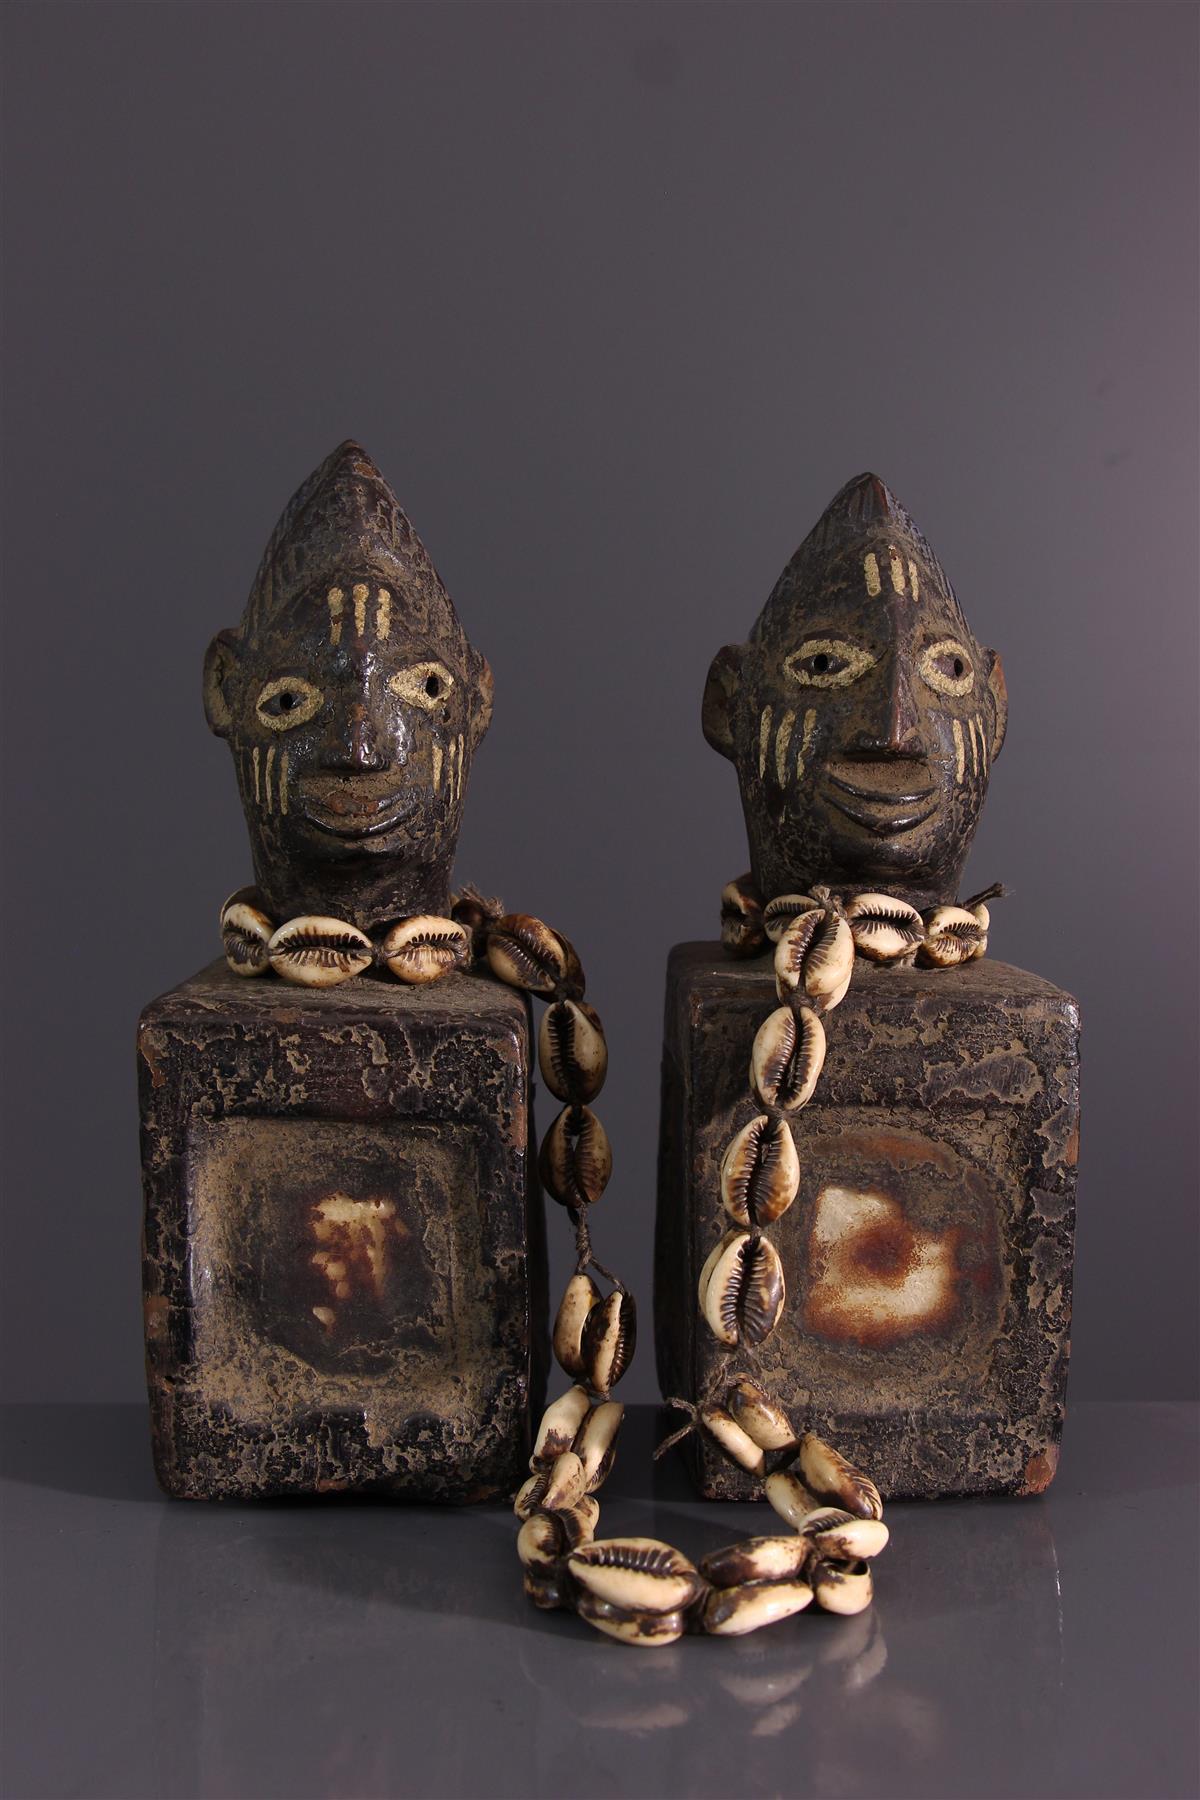 Yoruba Fetishes - African art